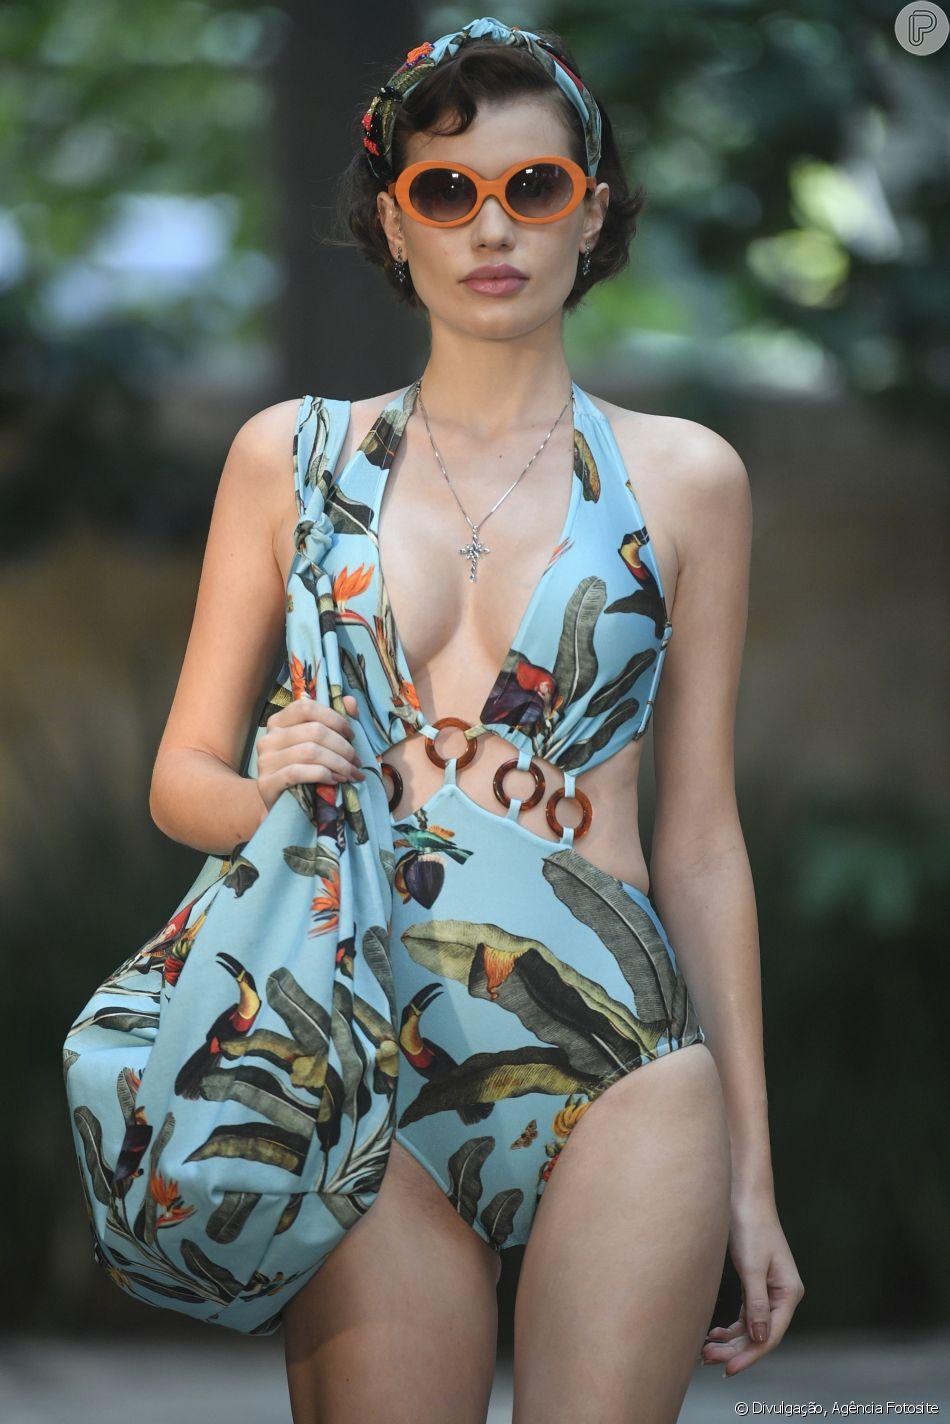 O floral de PatBo apareceu até na headband das modelos, formando um look de praia monocromático e bem fresh para o verão 2020